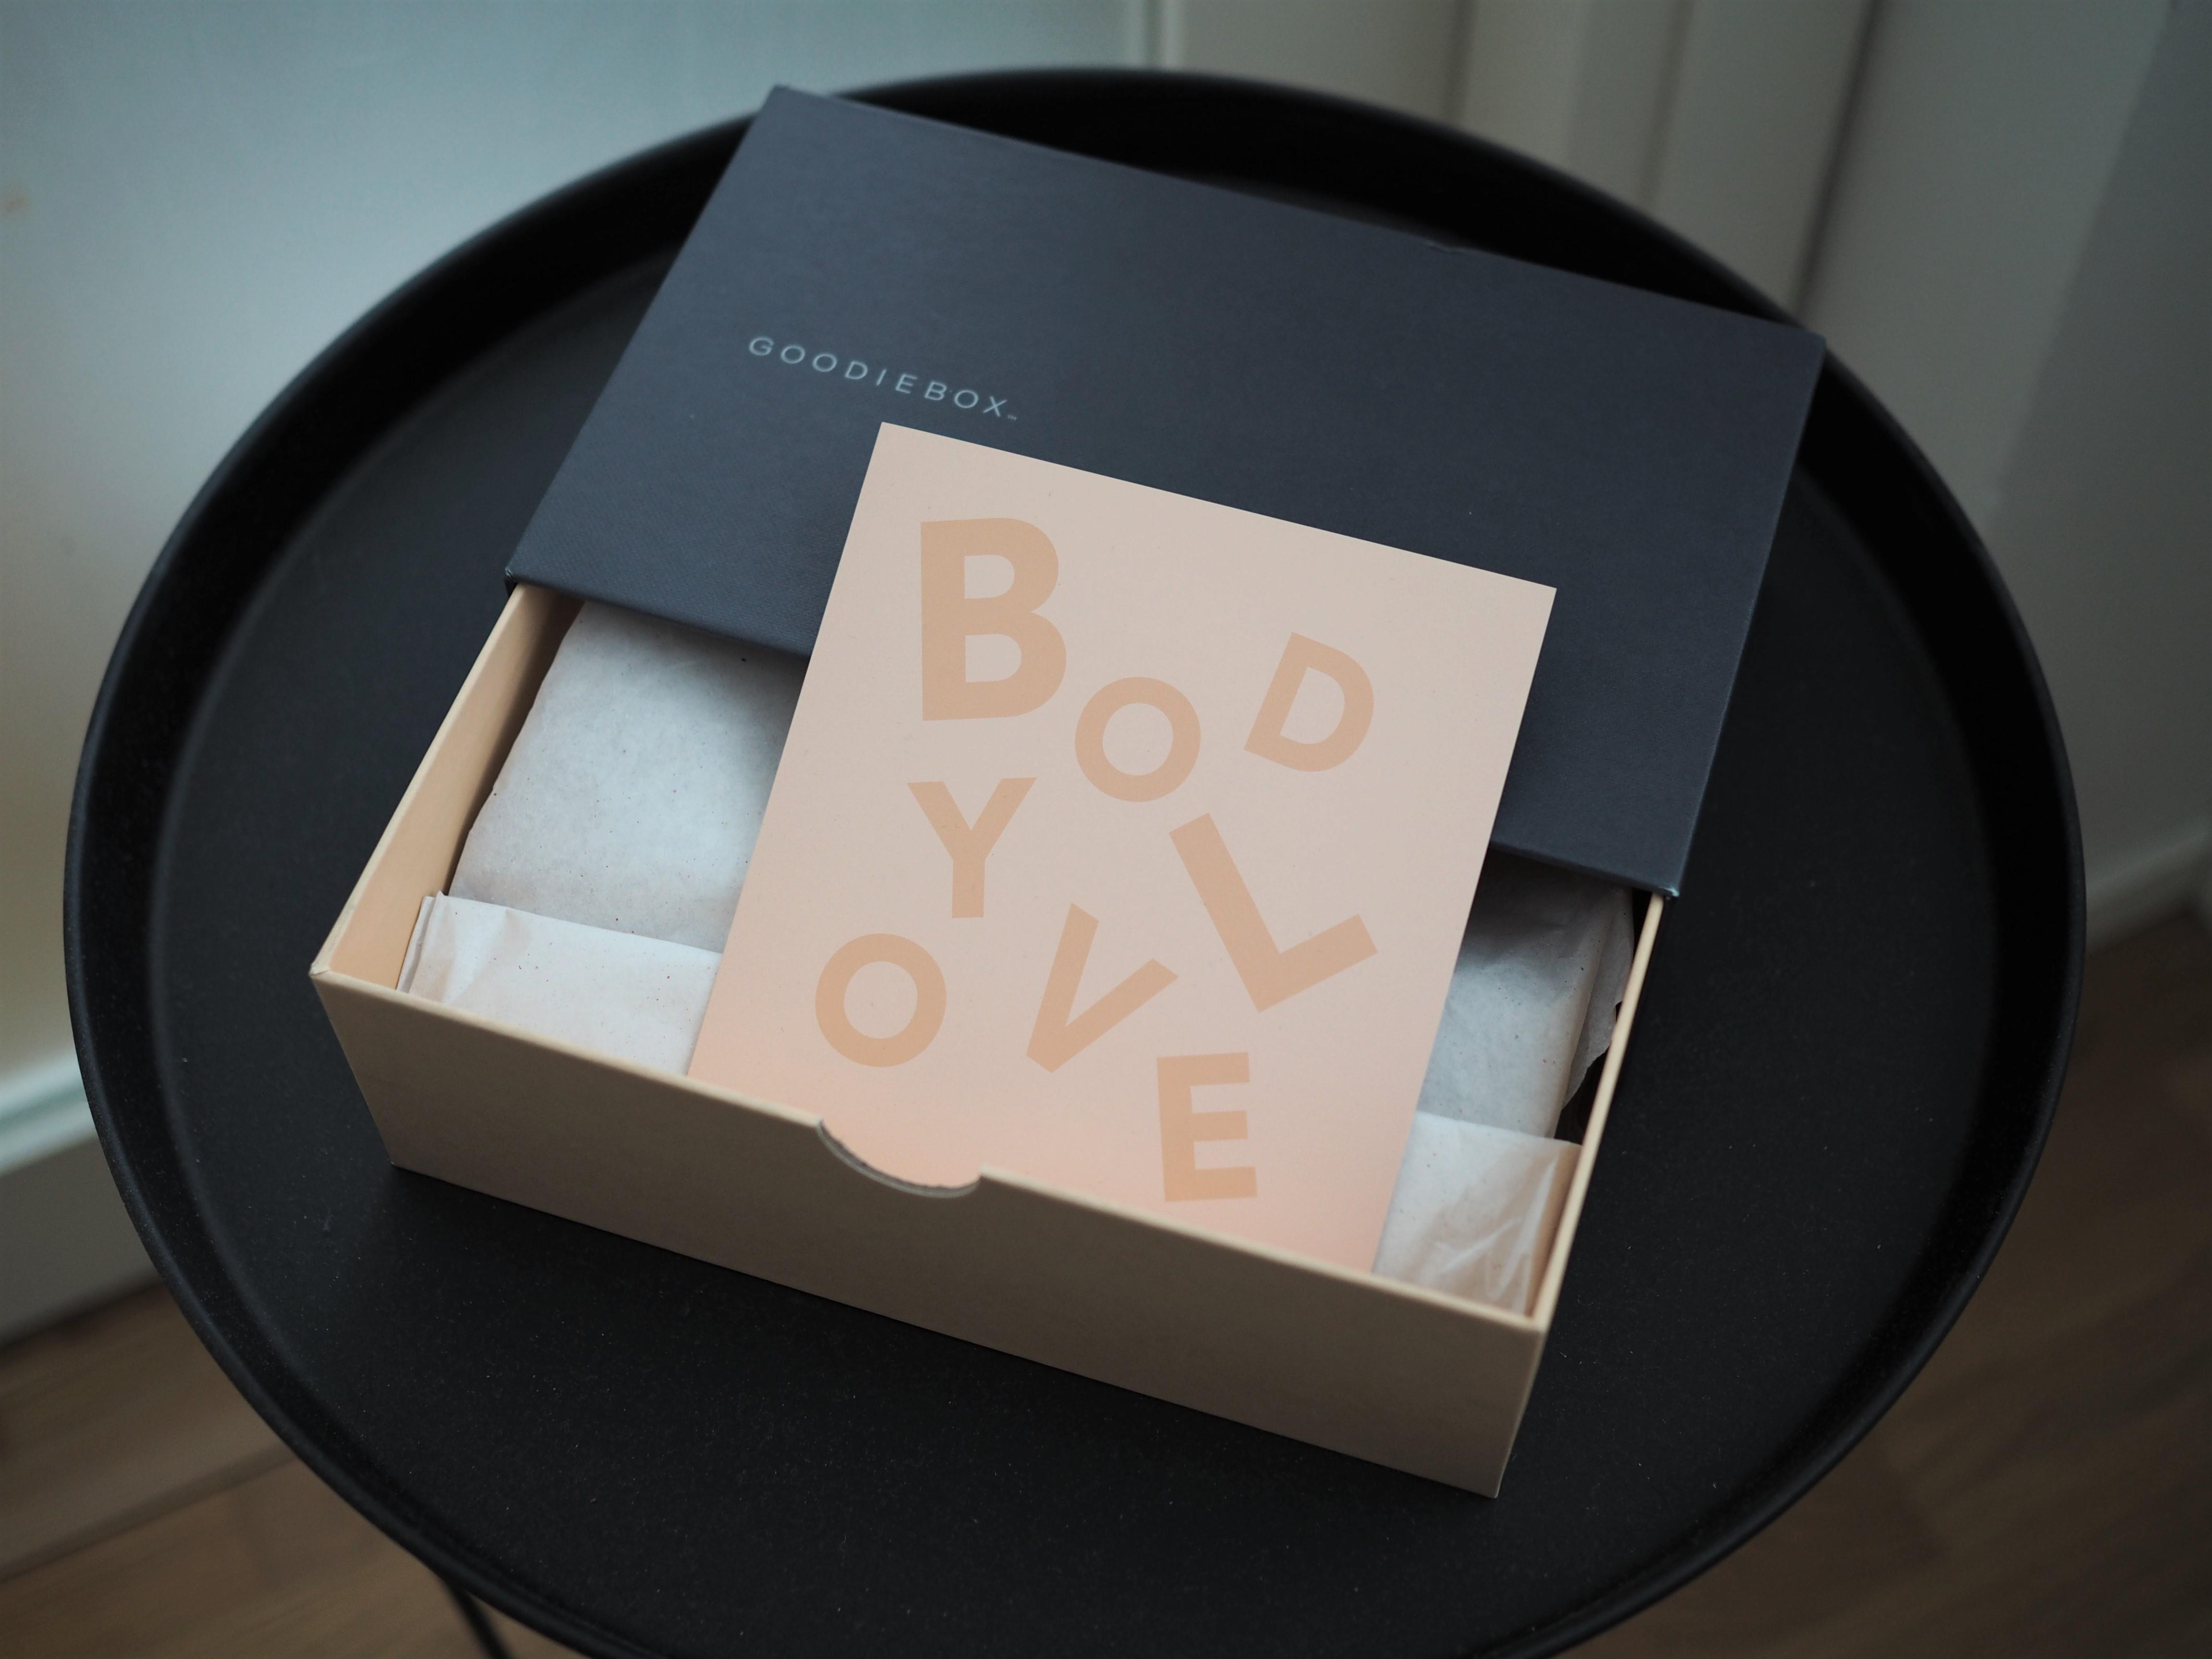 Ensimmäinen Goodiebox – teemana body love